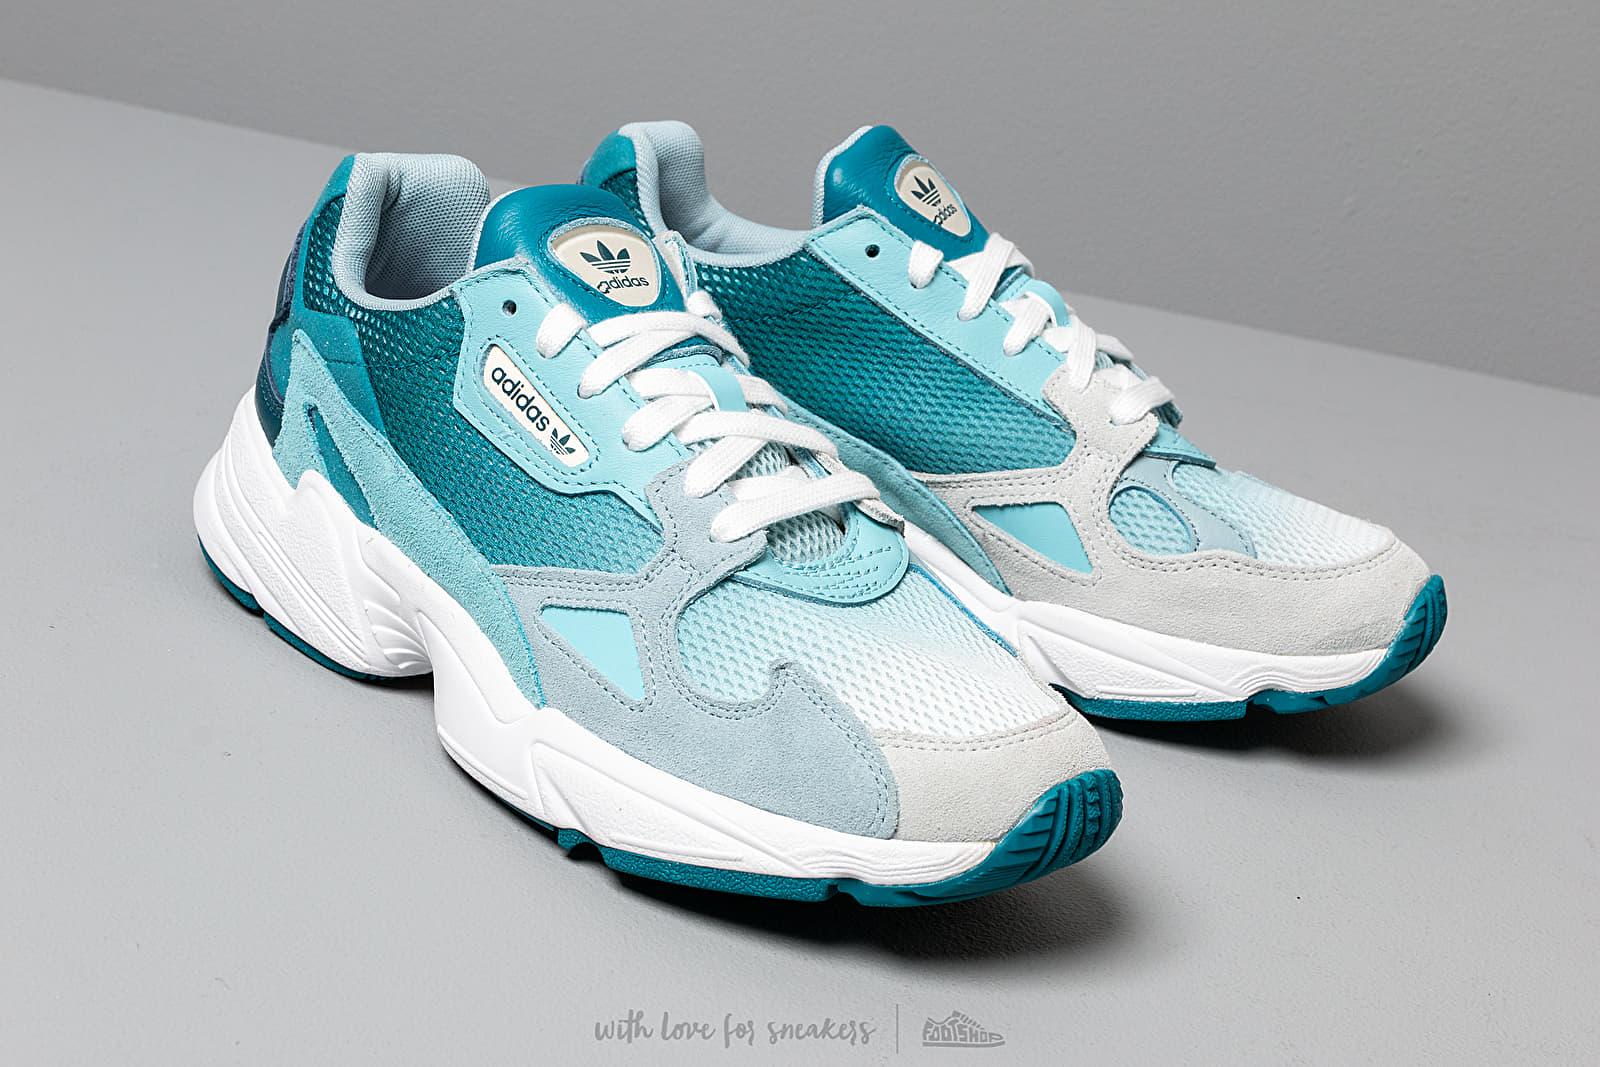 adidas Falcon W Blue Tint Light Aqua Ash Grey | Footshop